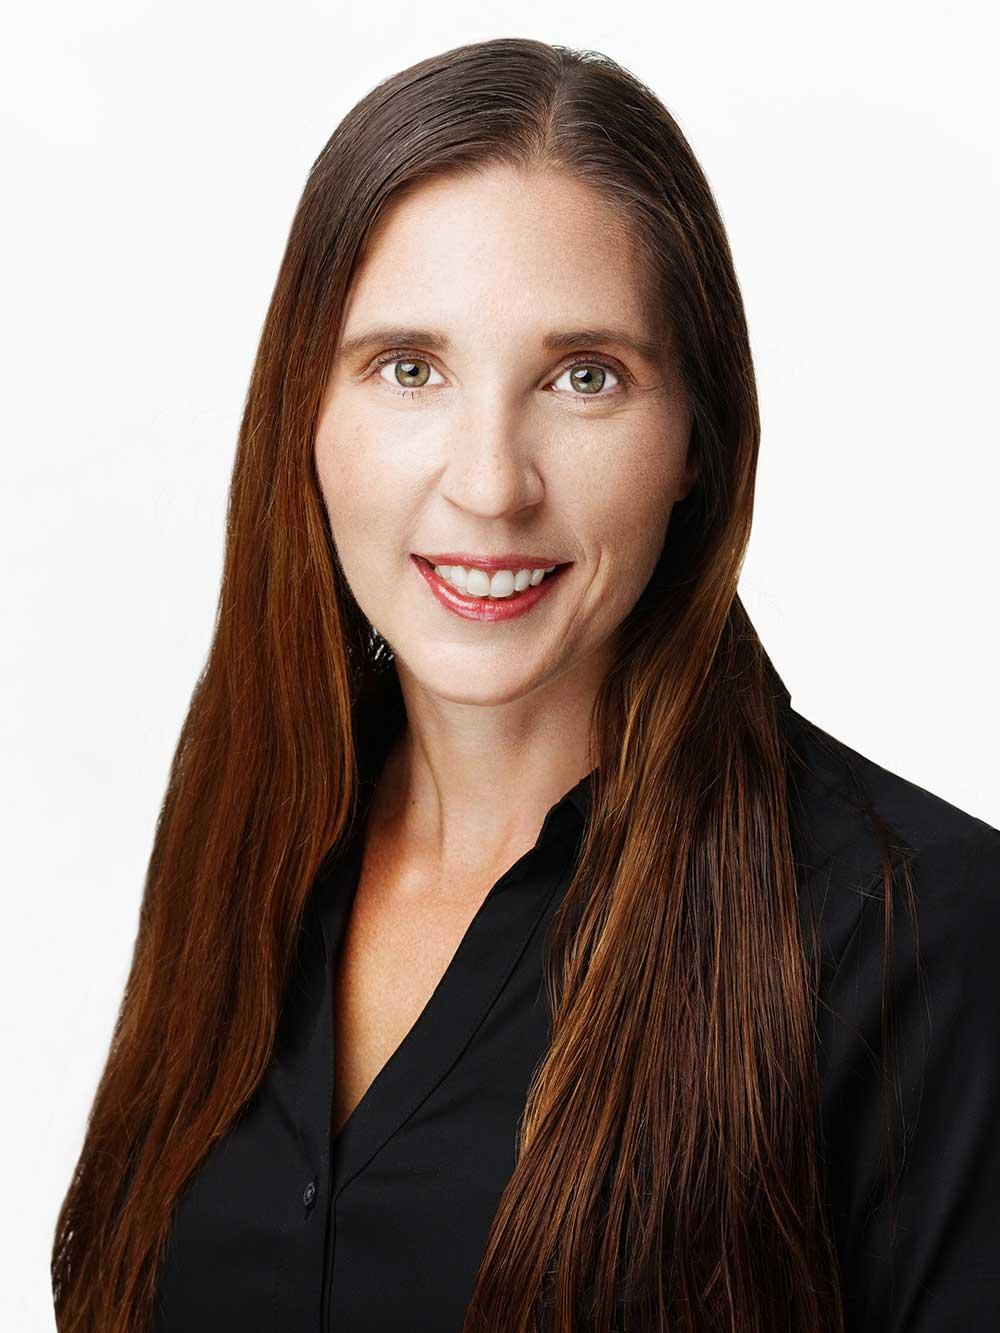 April McLemore